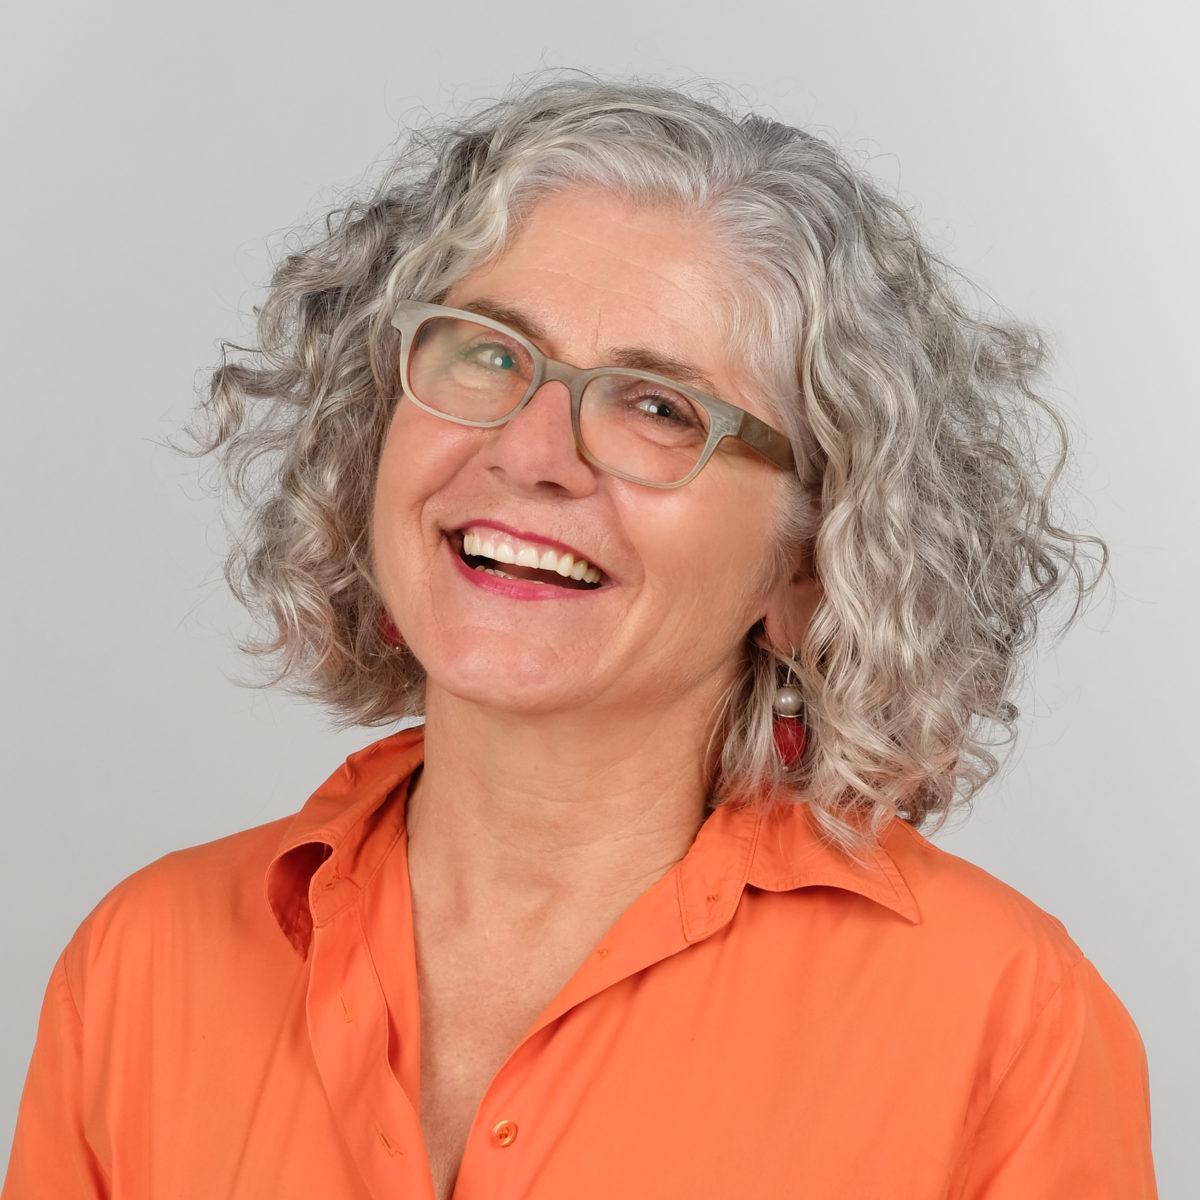 Kristin Metzner